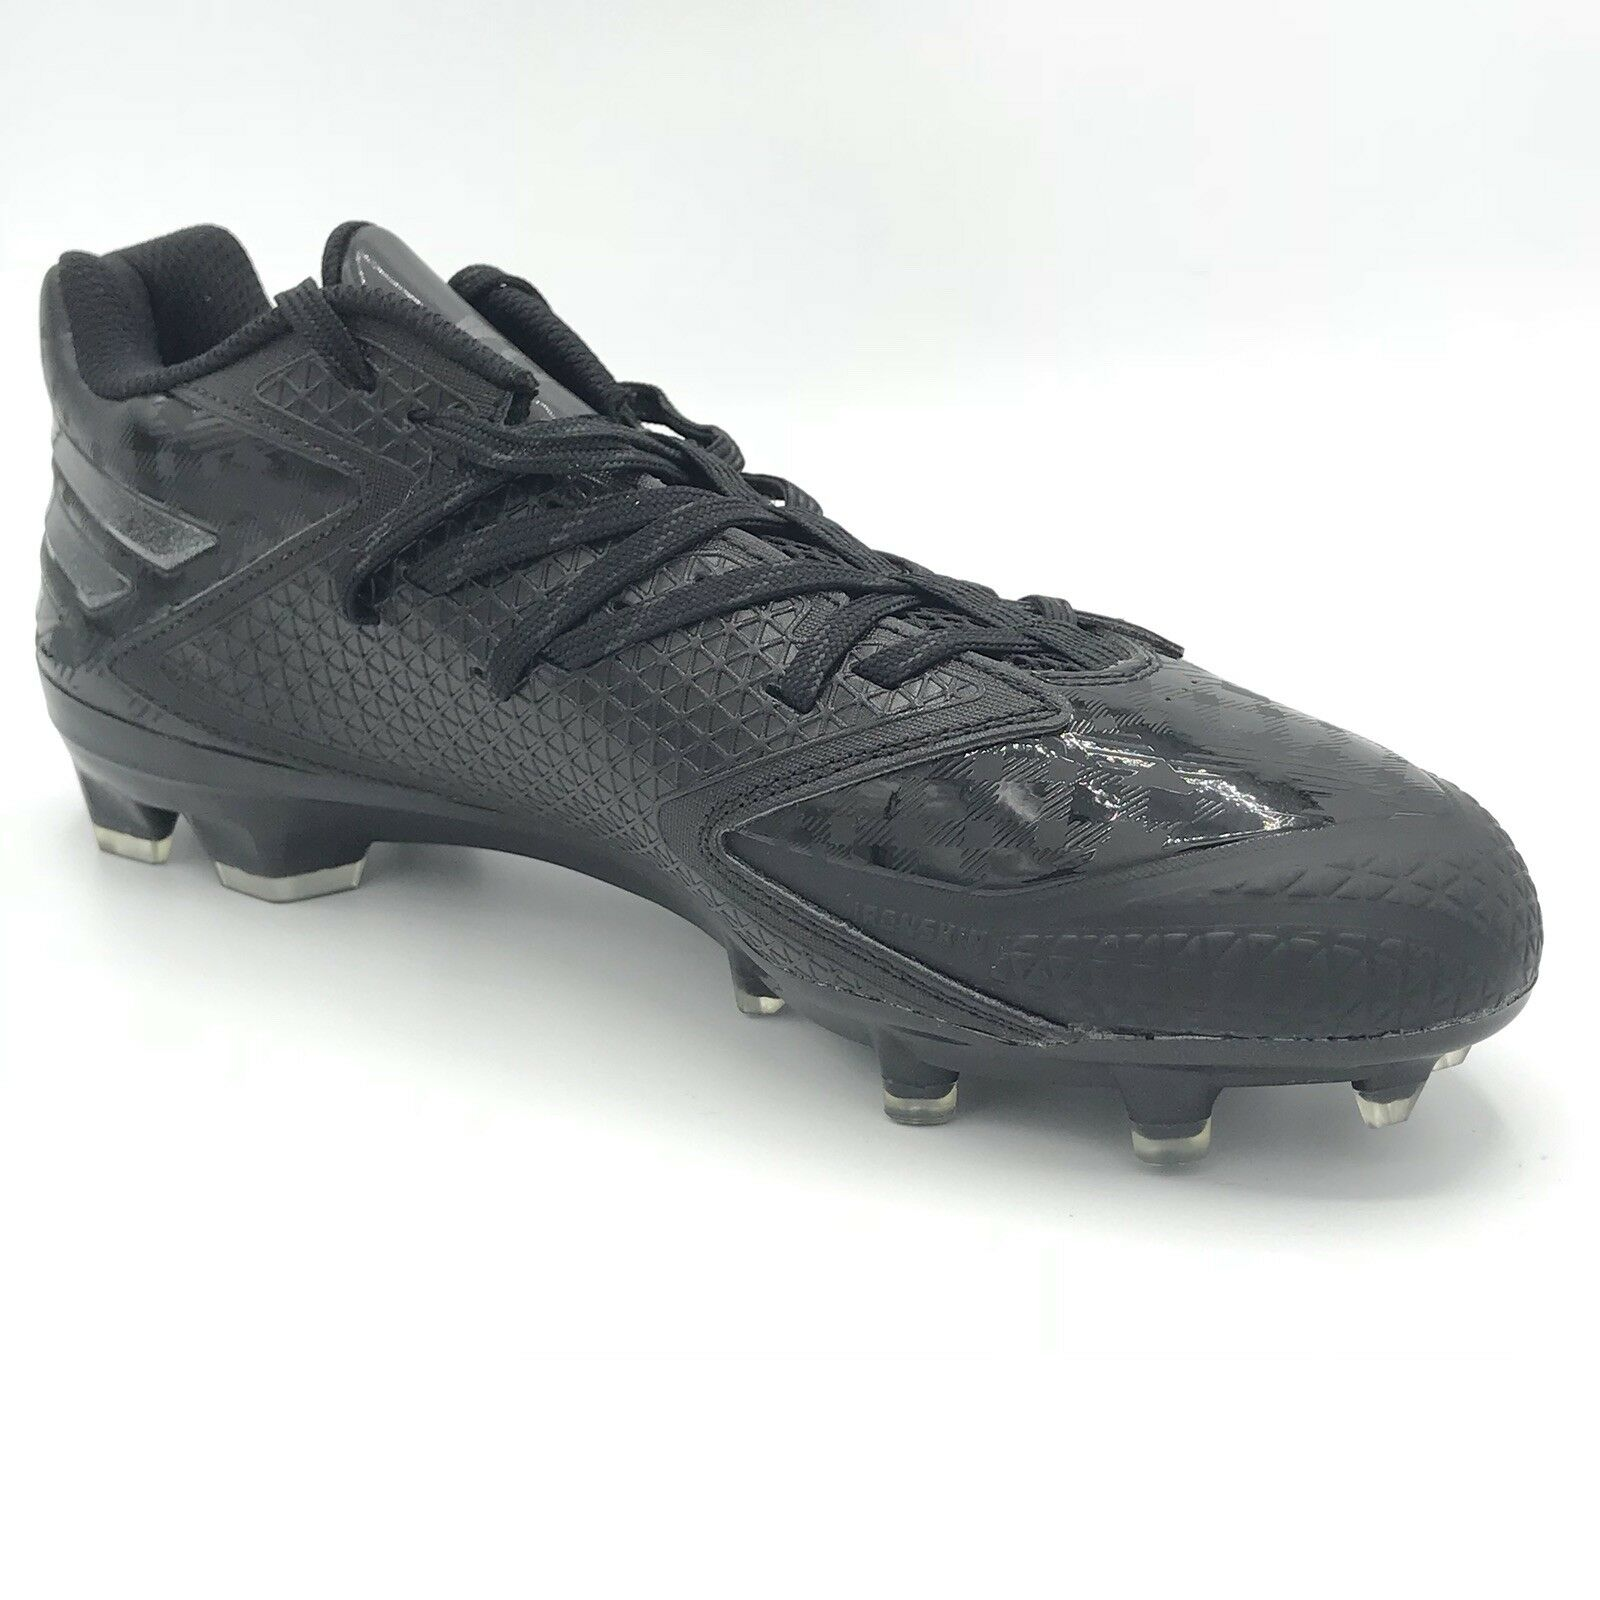 adidas flippen männer - q16056 größe 9 schwarze fußballschuhe kunst q16056 - fußball 38f016